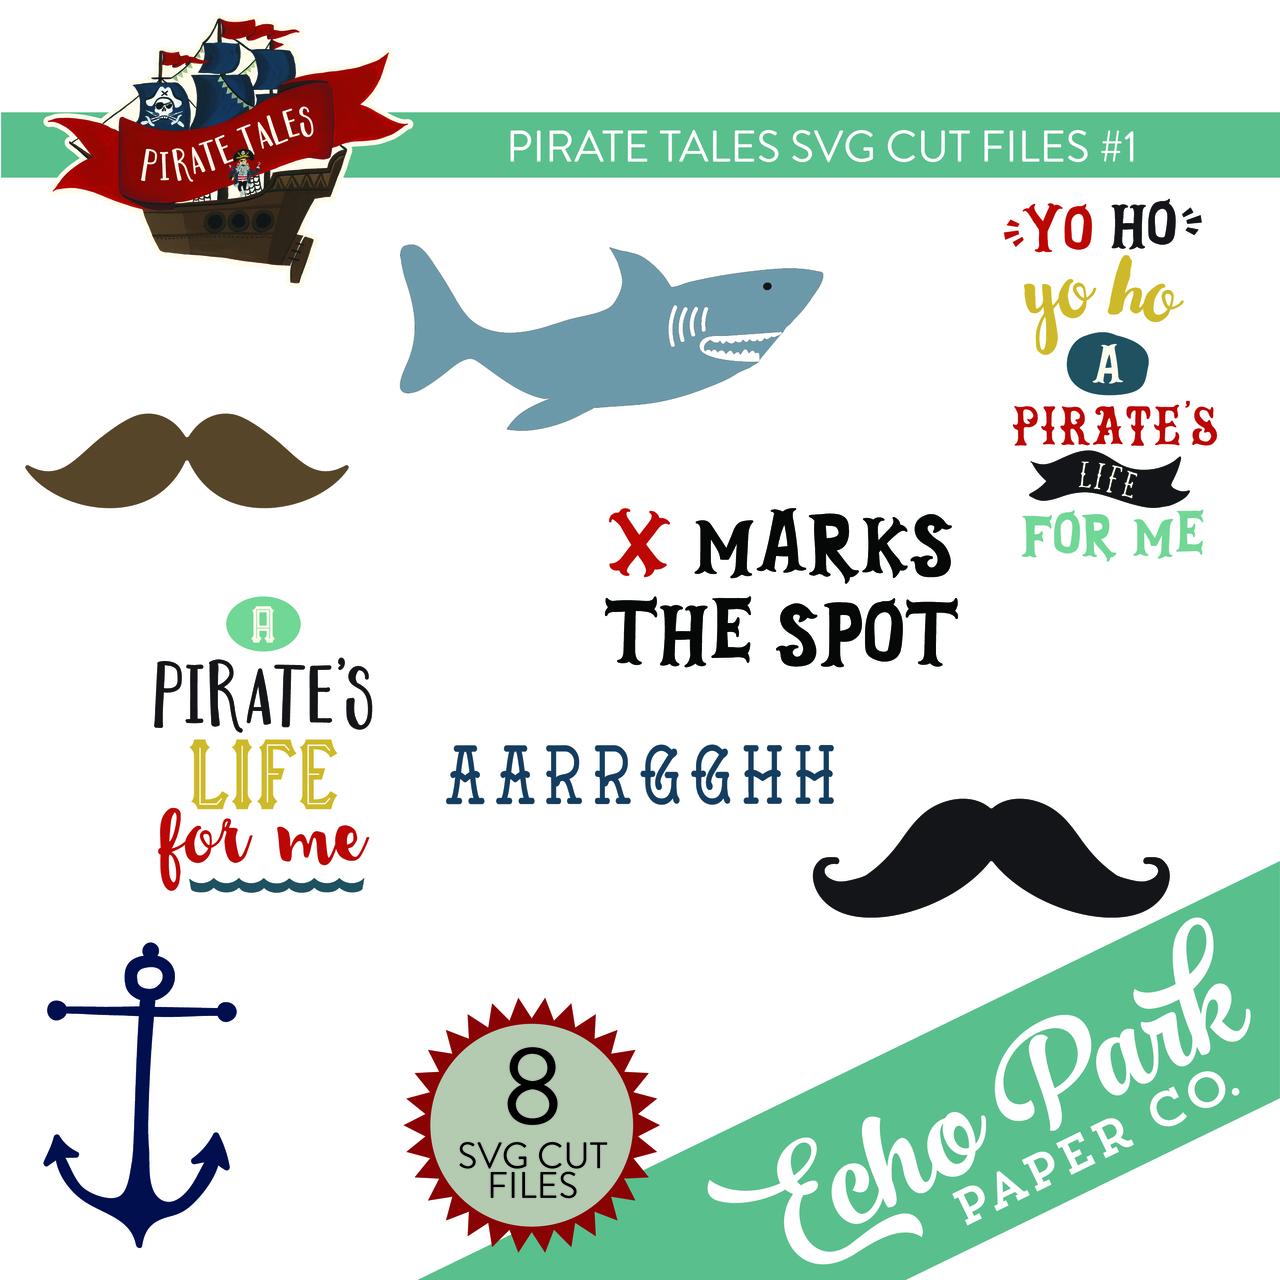 Pirate Tales SVG Cut Files #1